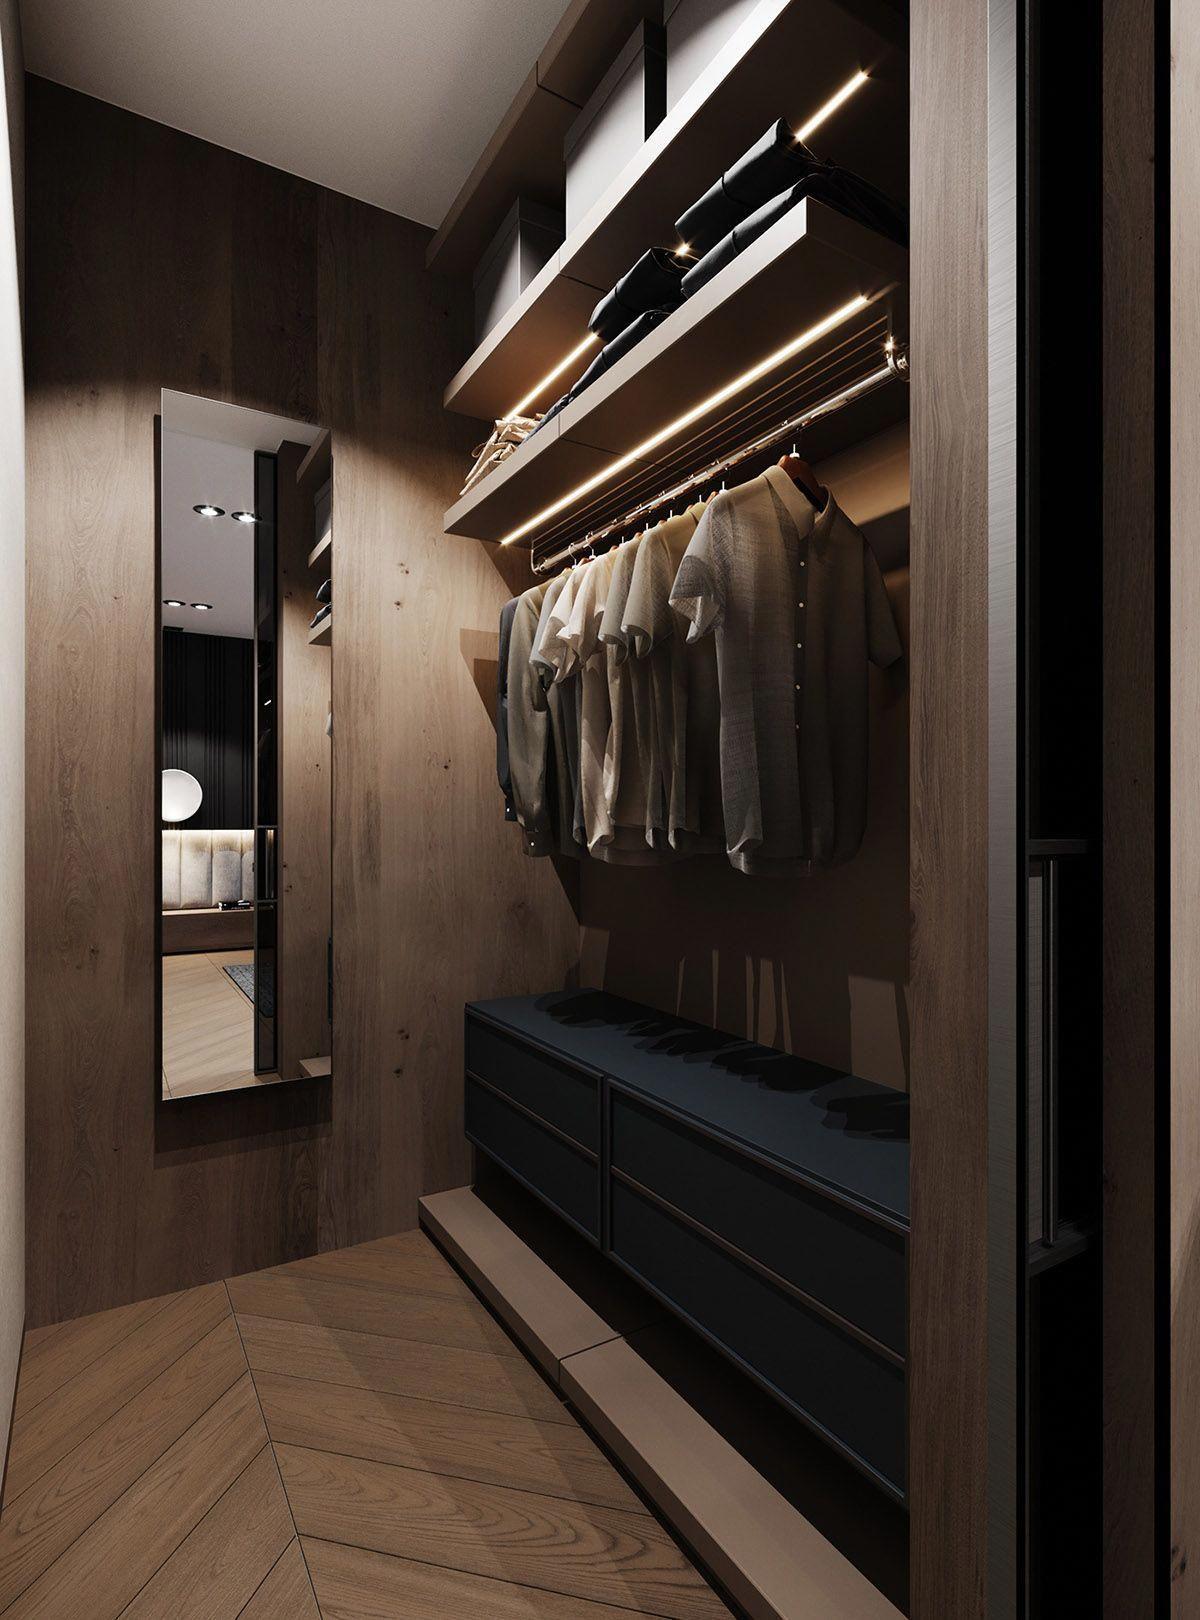 Interiordesignforhome Badezimmer Design Luxuriose Inneneinrichtung Schrank Zimmer